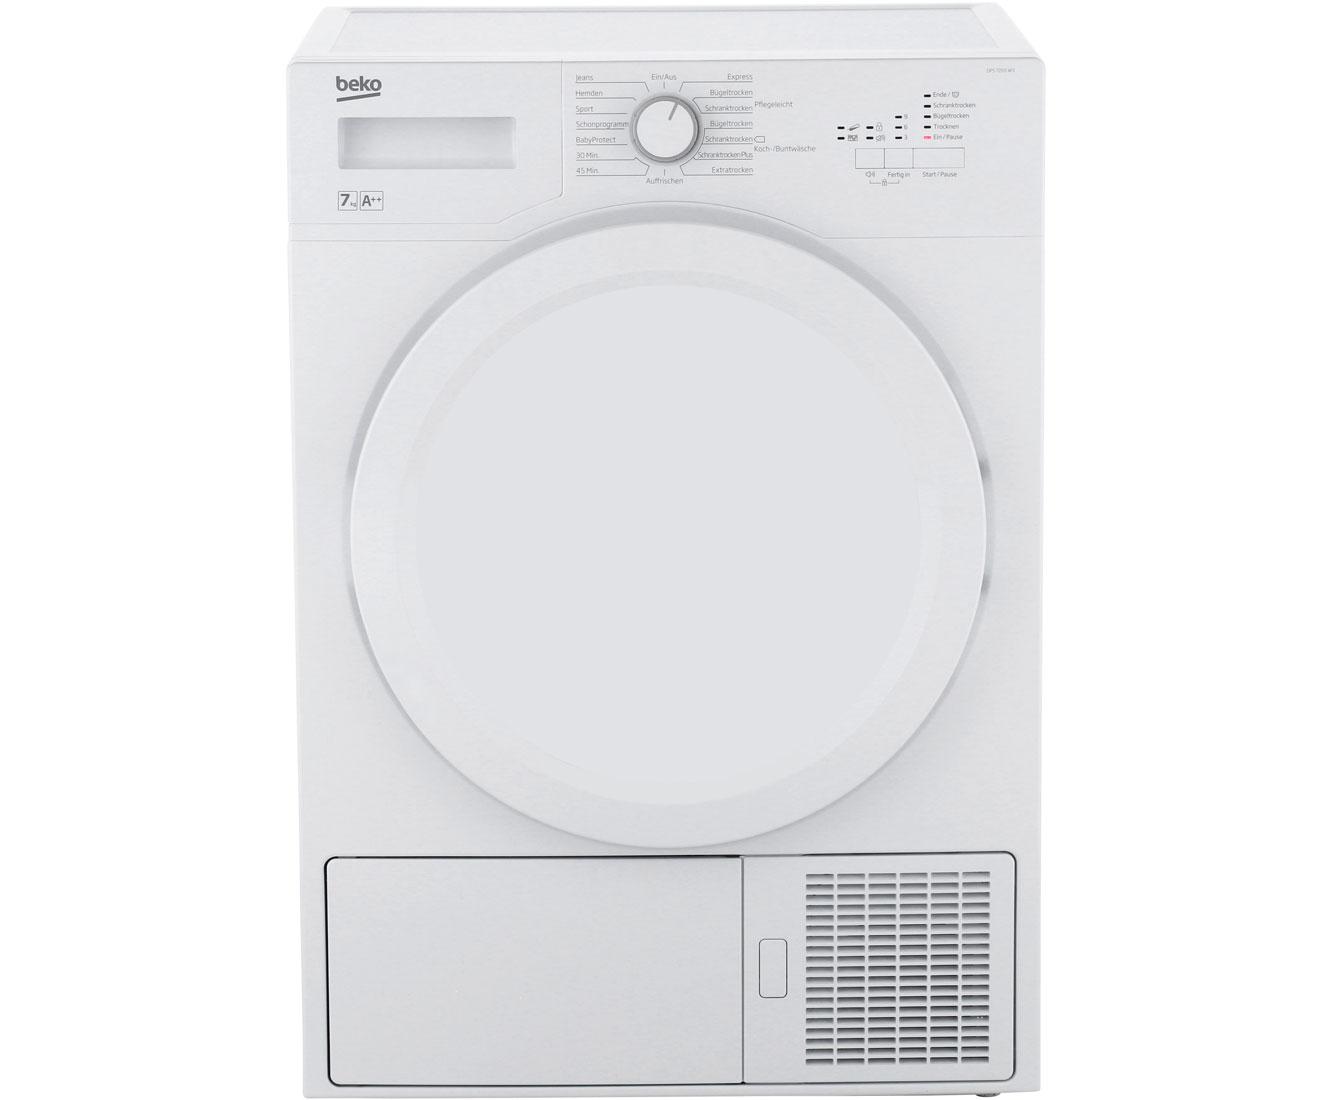 Beko Green line-Serie DPS7205W3 Wärmepumpentrockner - Weiß | Bad > Waschmaschinen und Trockner > Wärmepumpentrockner | Weiß | Beko